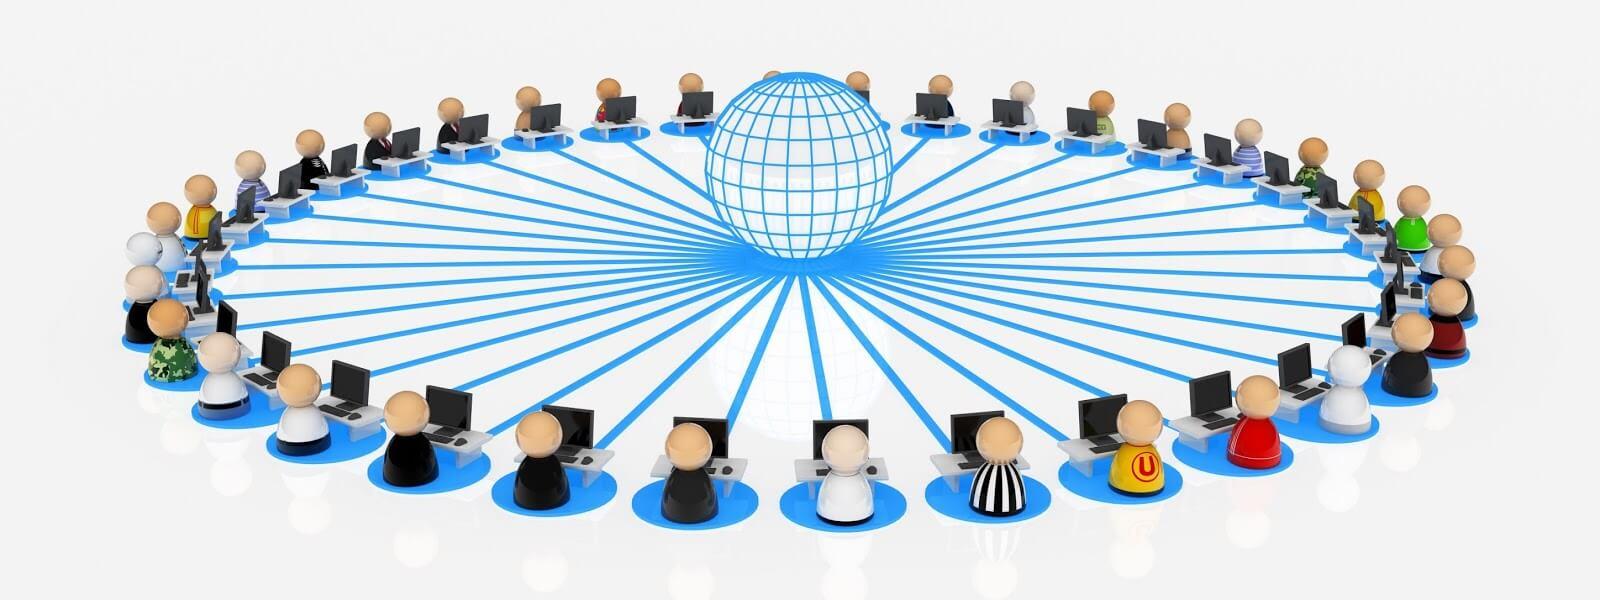 КОНФЕРЕНЦИЯ БЕЗ ПИДЖАКОВ: онлайн-конференция с международным участием 16-17 октября 2020